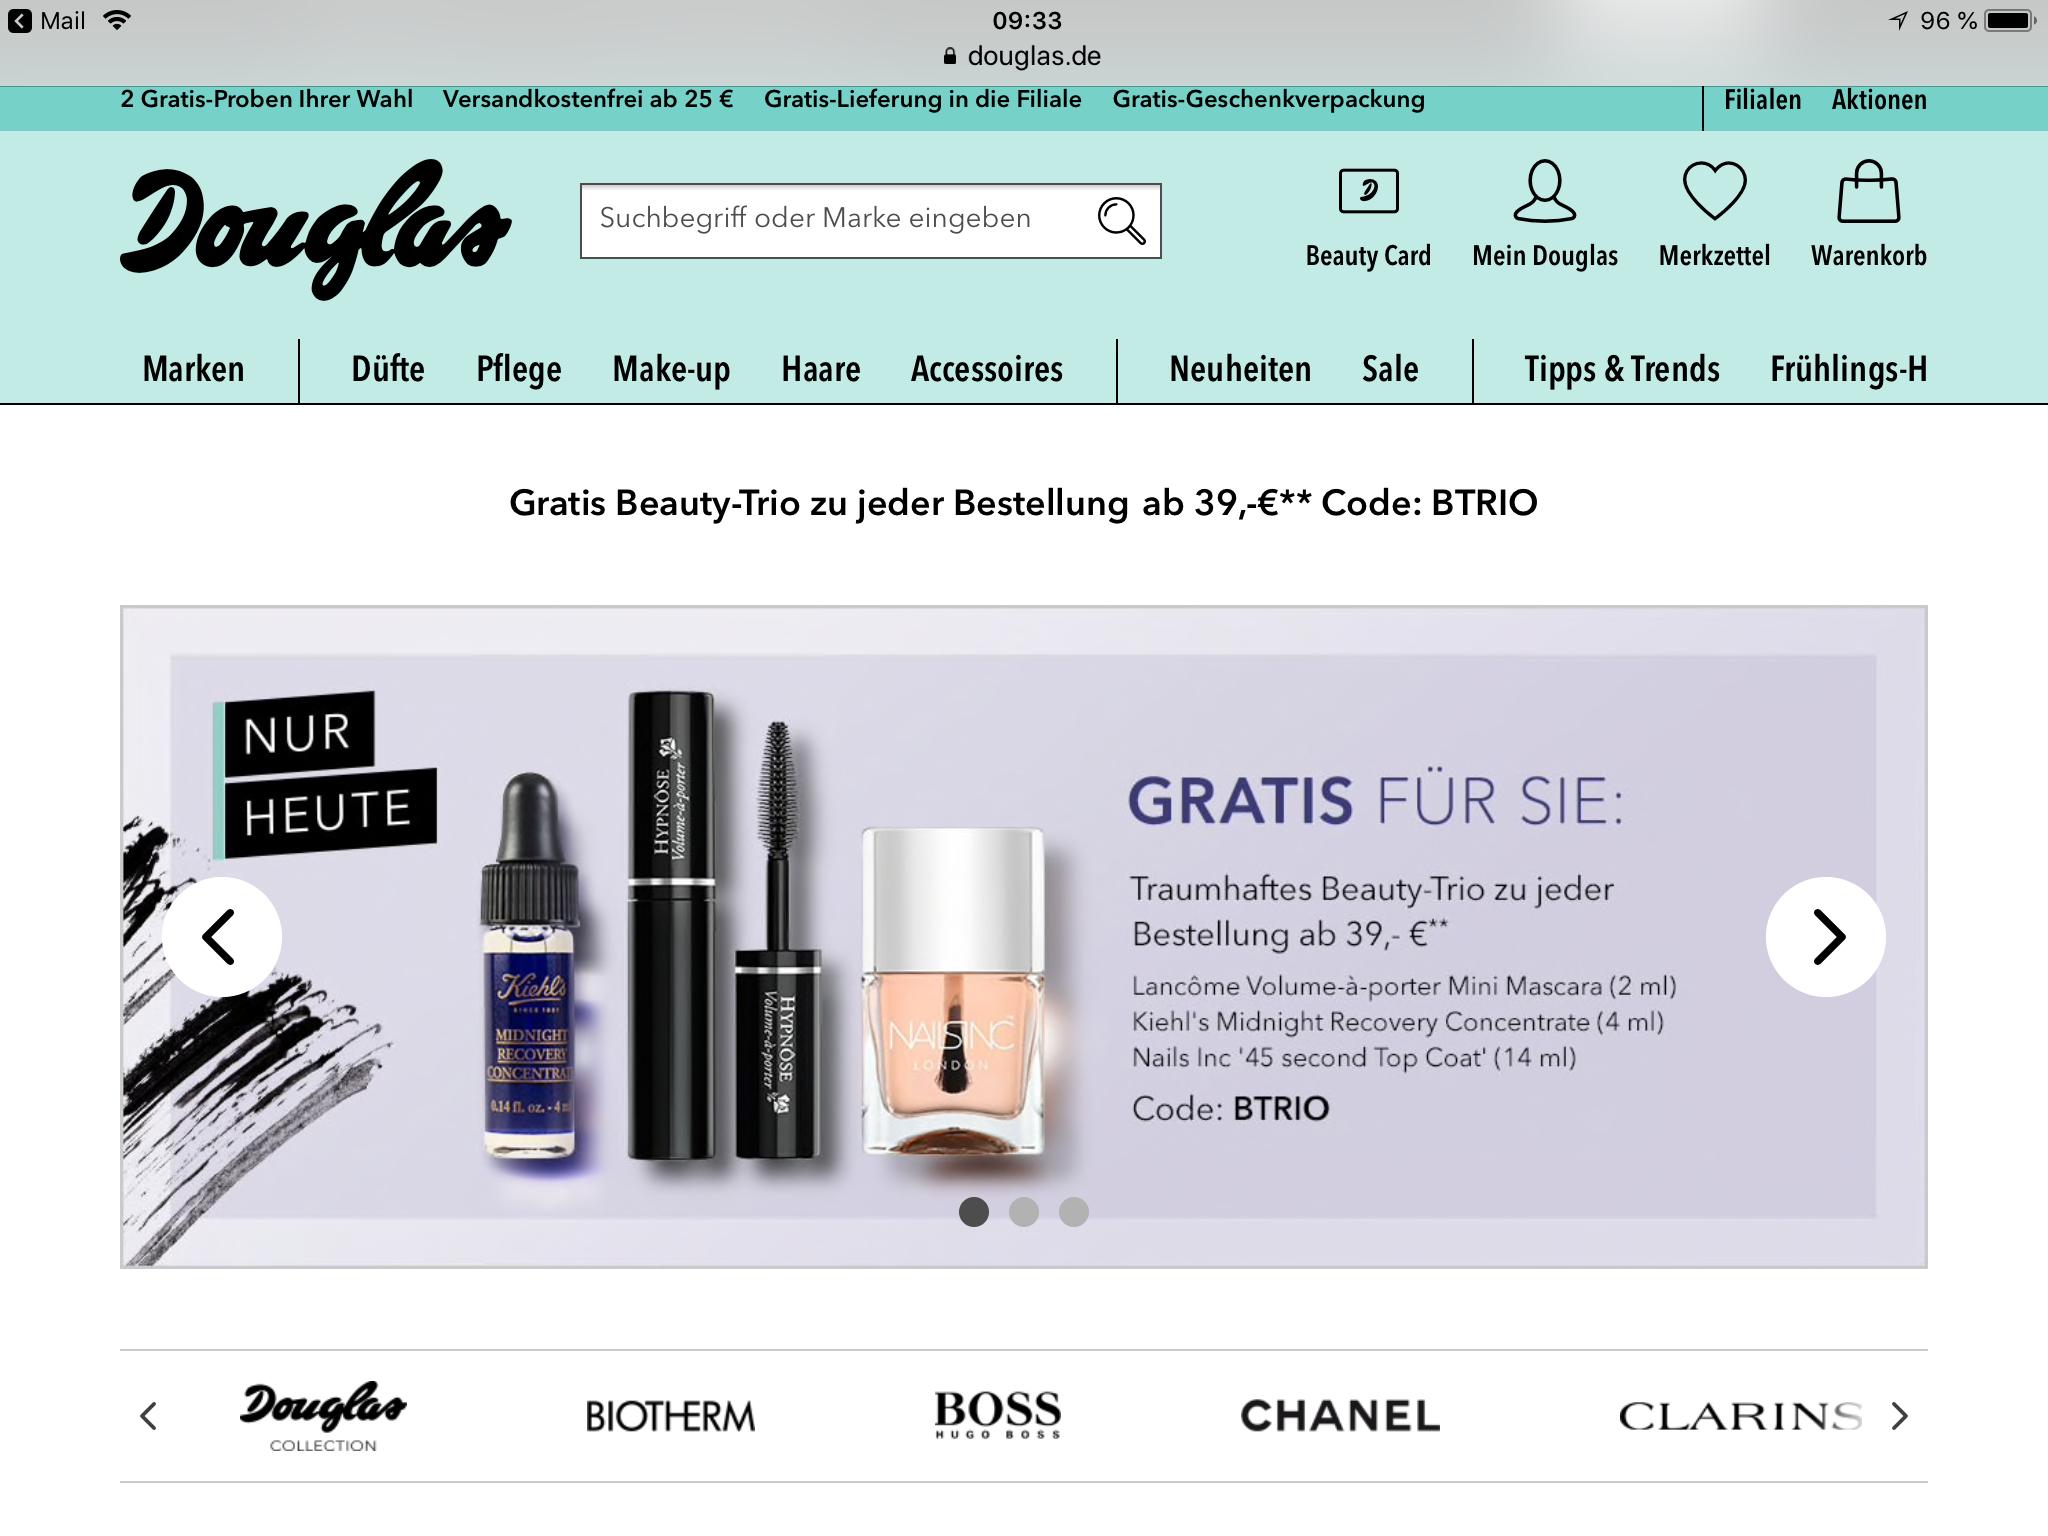 (Douglas) für Beautycardinhaber/innen diverse Gutscheine